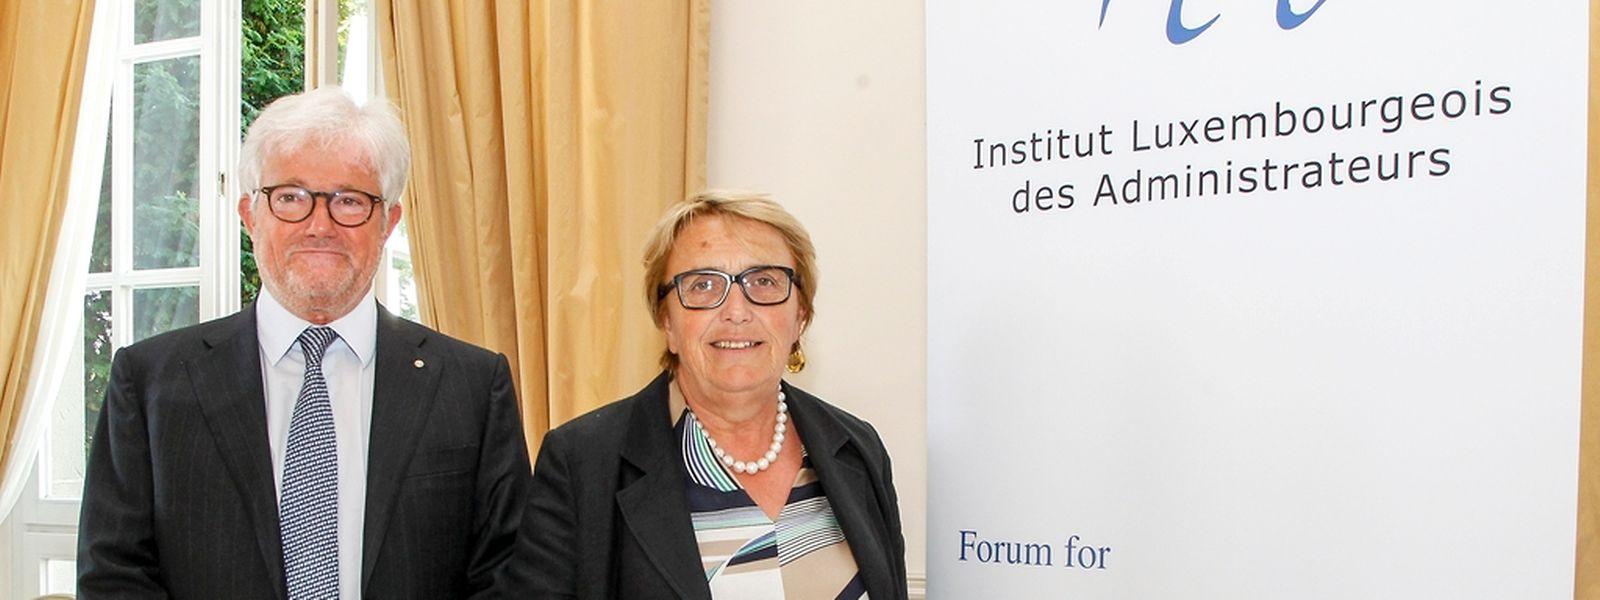 La conférence de l'ILA a marqué symboliquement le passage de témoin entre Marie-Jeanne Chèvremont-Lorenzini, présidente sortante, et Raymond Schadeck. (Photo: Guy Jallay)